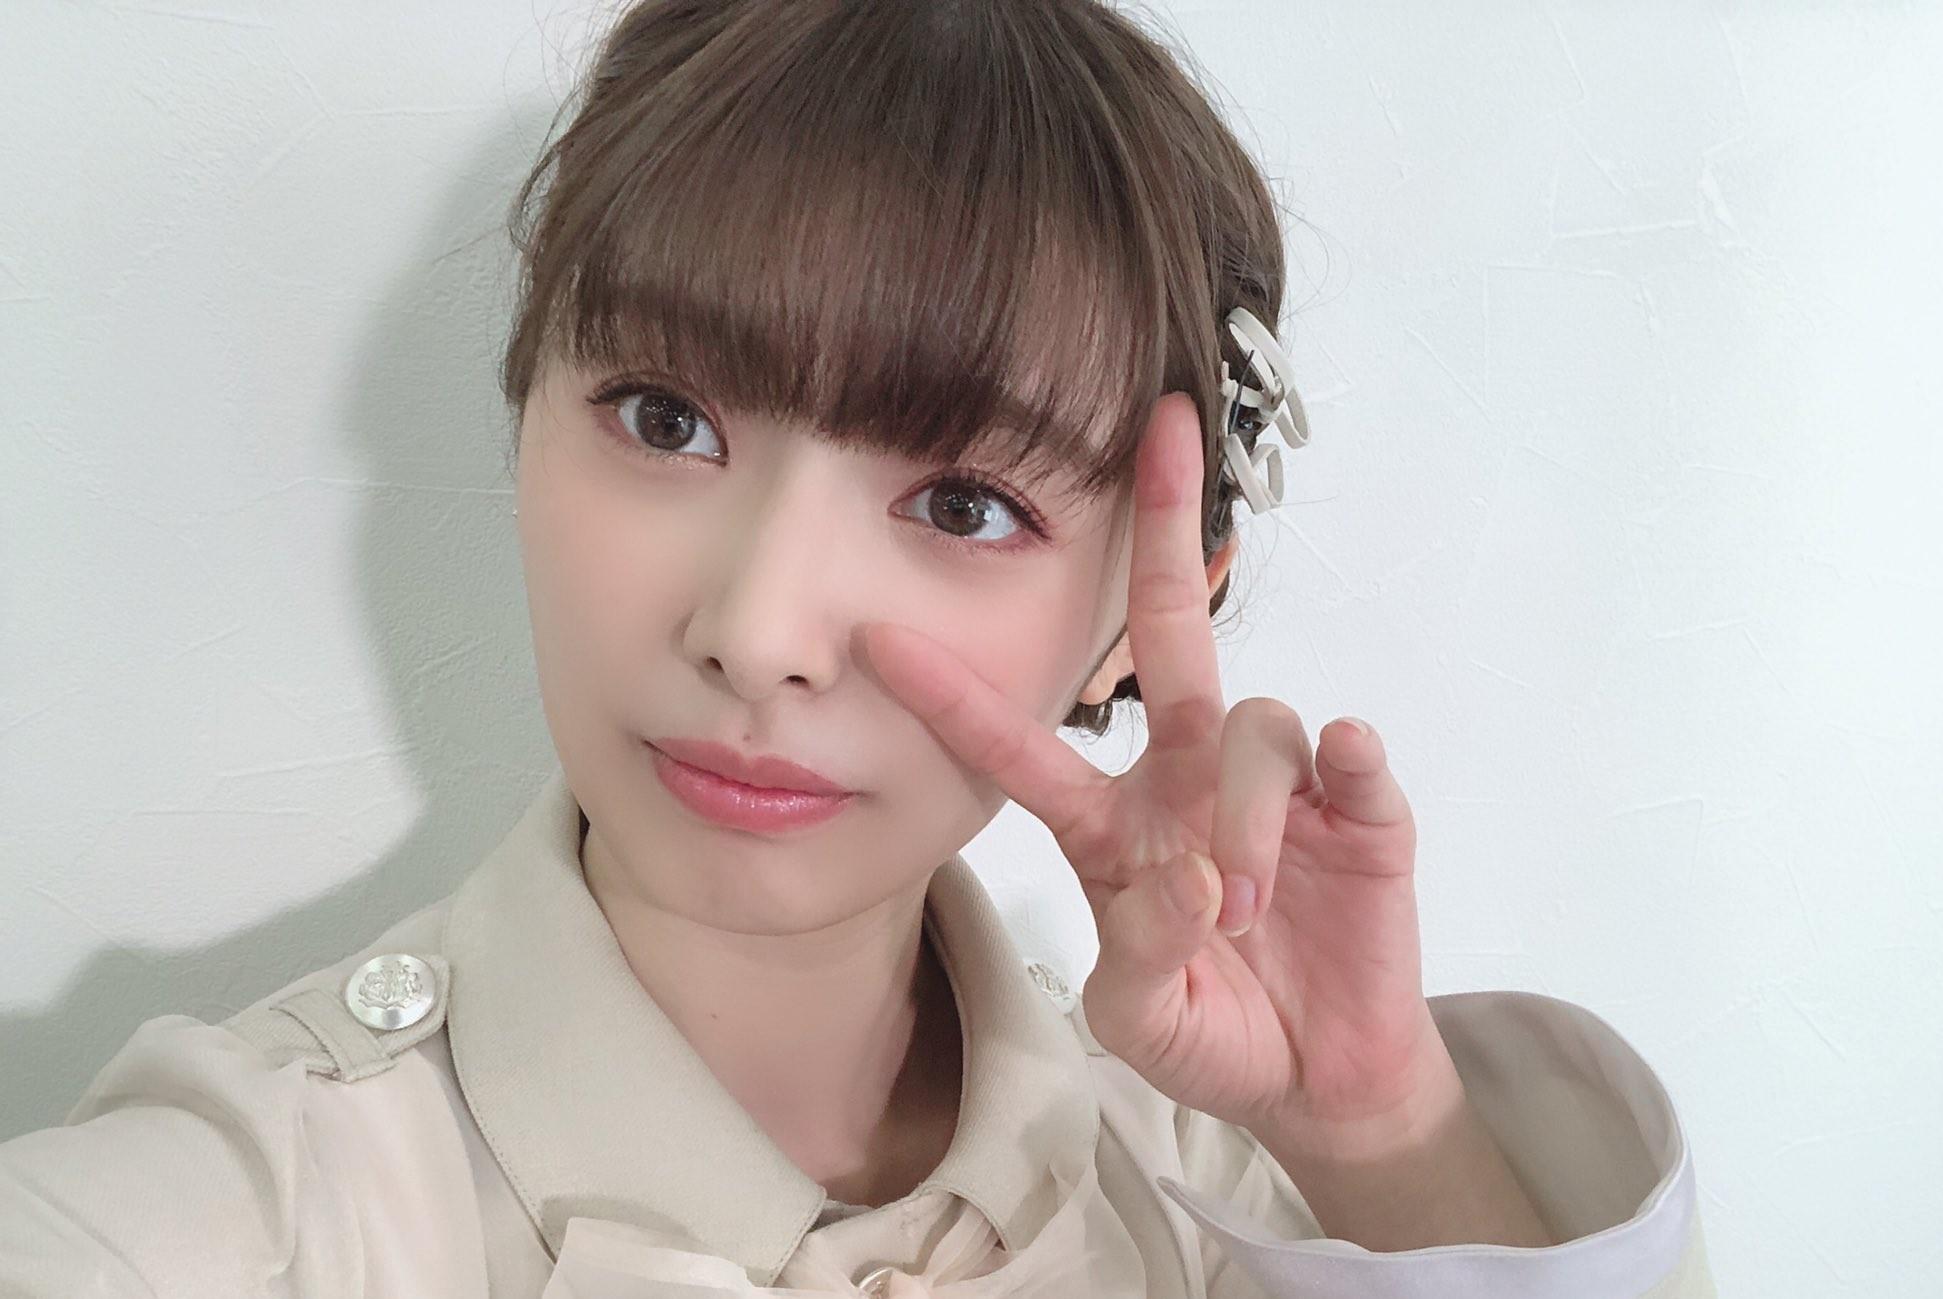 Muto Tomu AKB48 Umumkan Graduate Usai Skandal Dikonfirmasi